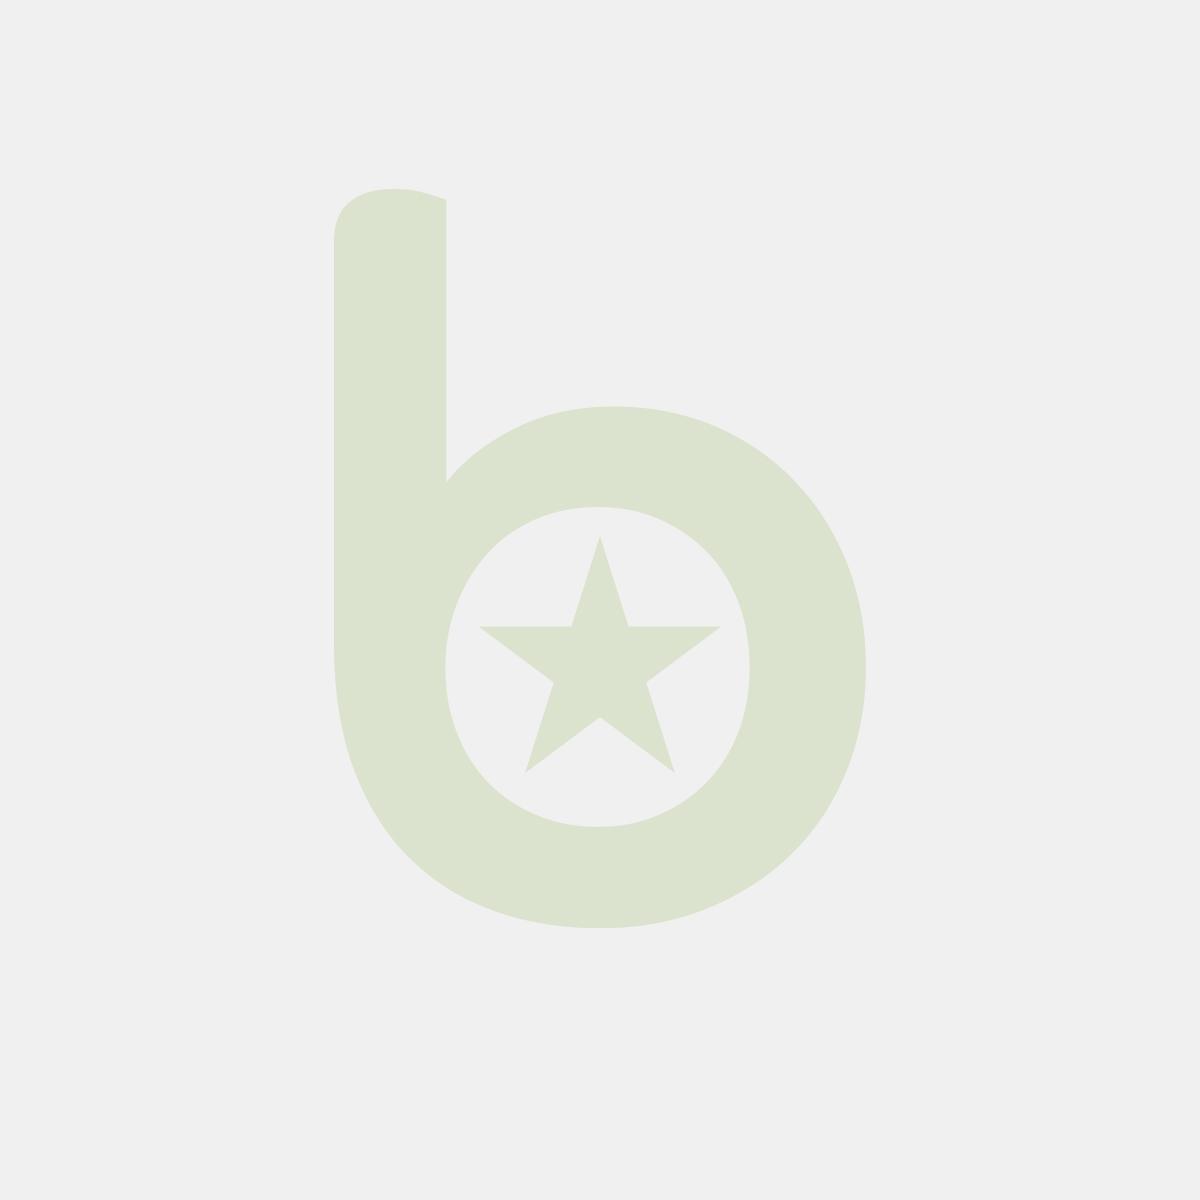 Fettentferner 0404 25kg - mycie i dezynfekcja pojemników plastykowych